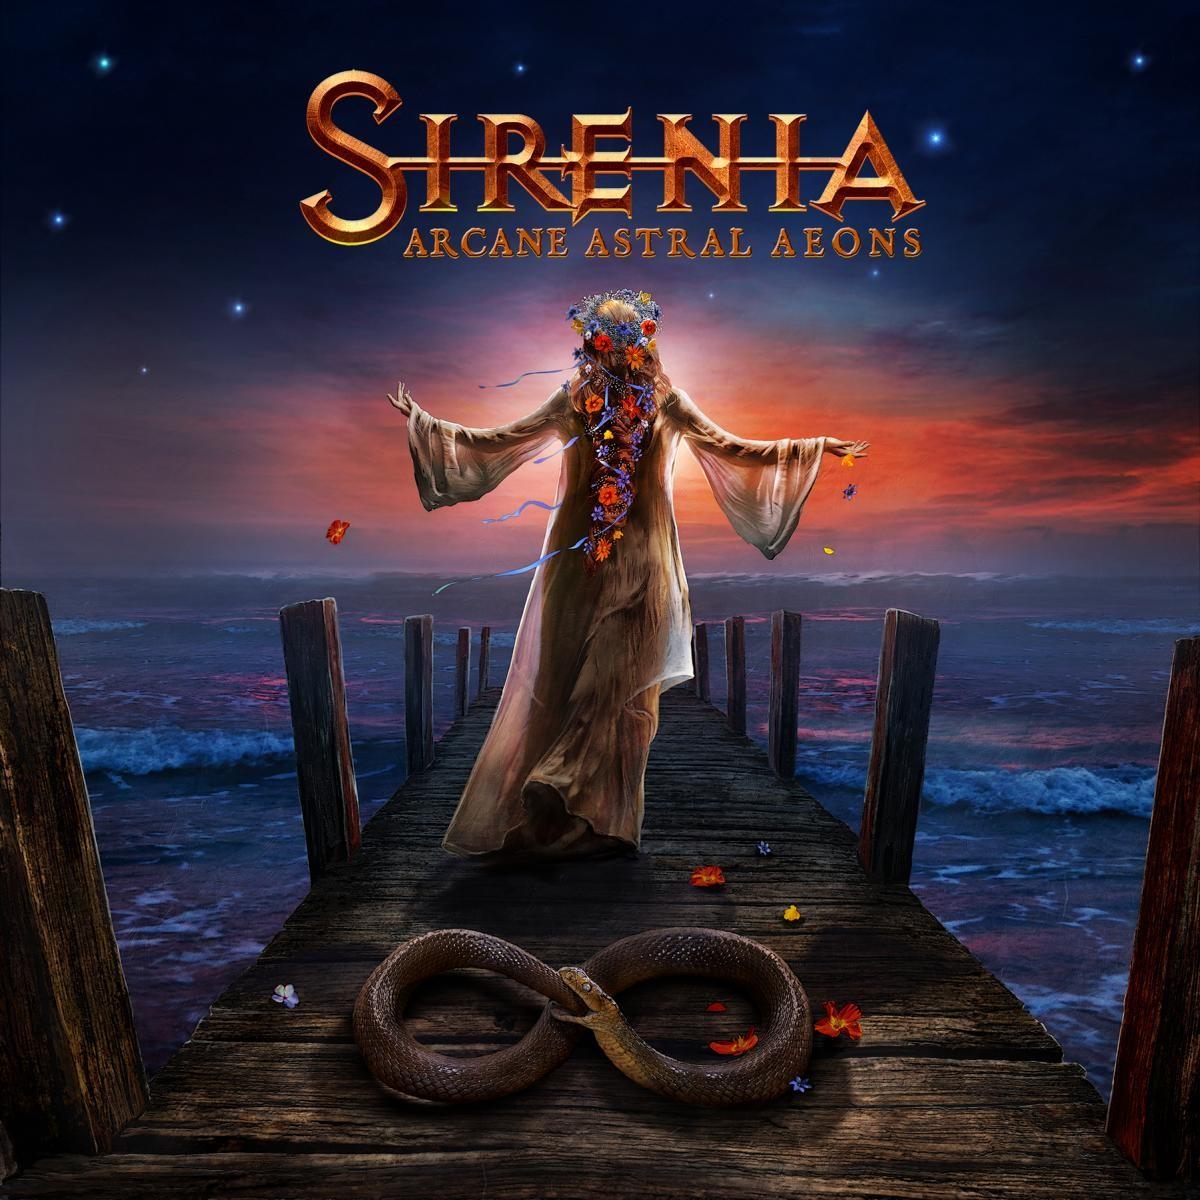 Sirenia_Albumcover_Arcane_Astral_Aeons.j